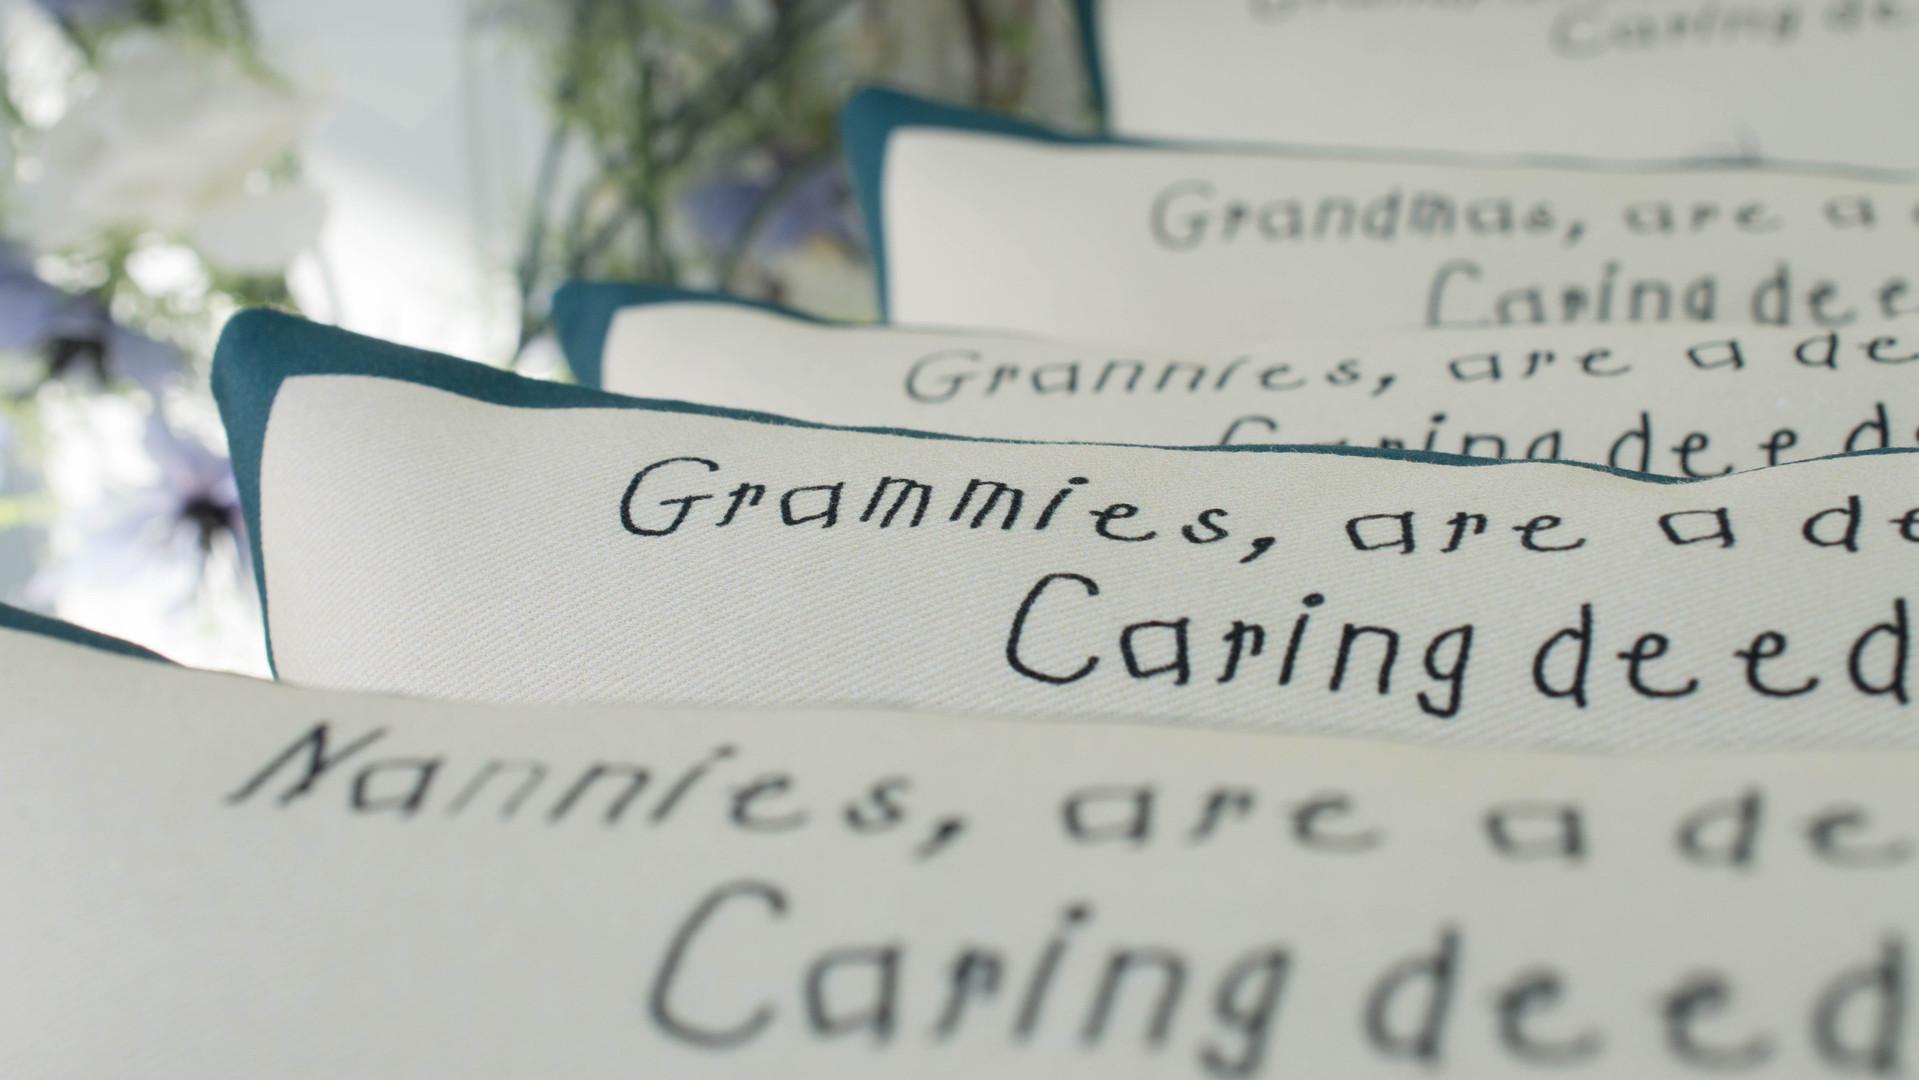 Nannies, Grannies and Grammies!